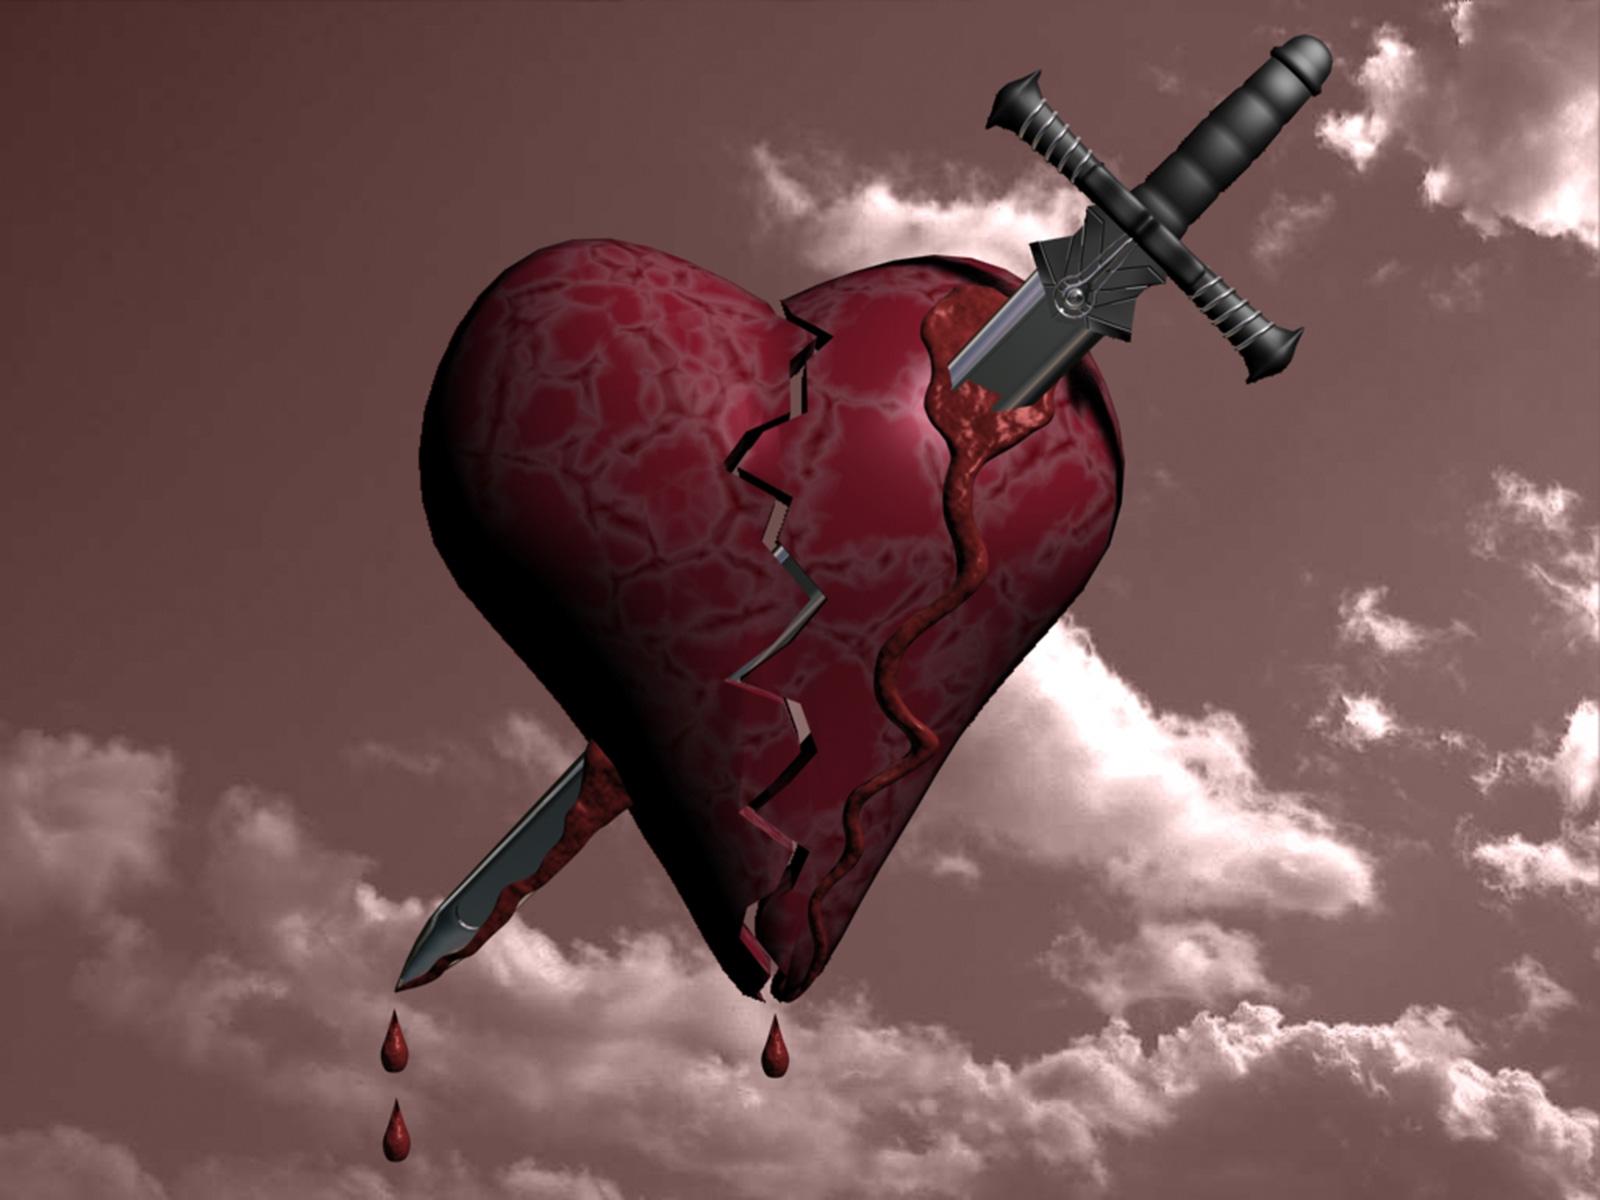 картинки про разбитых сердец уже читали